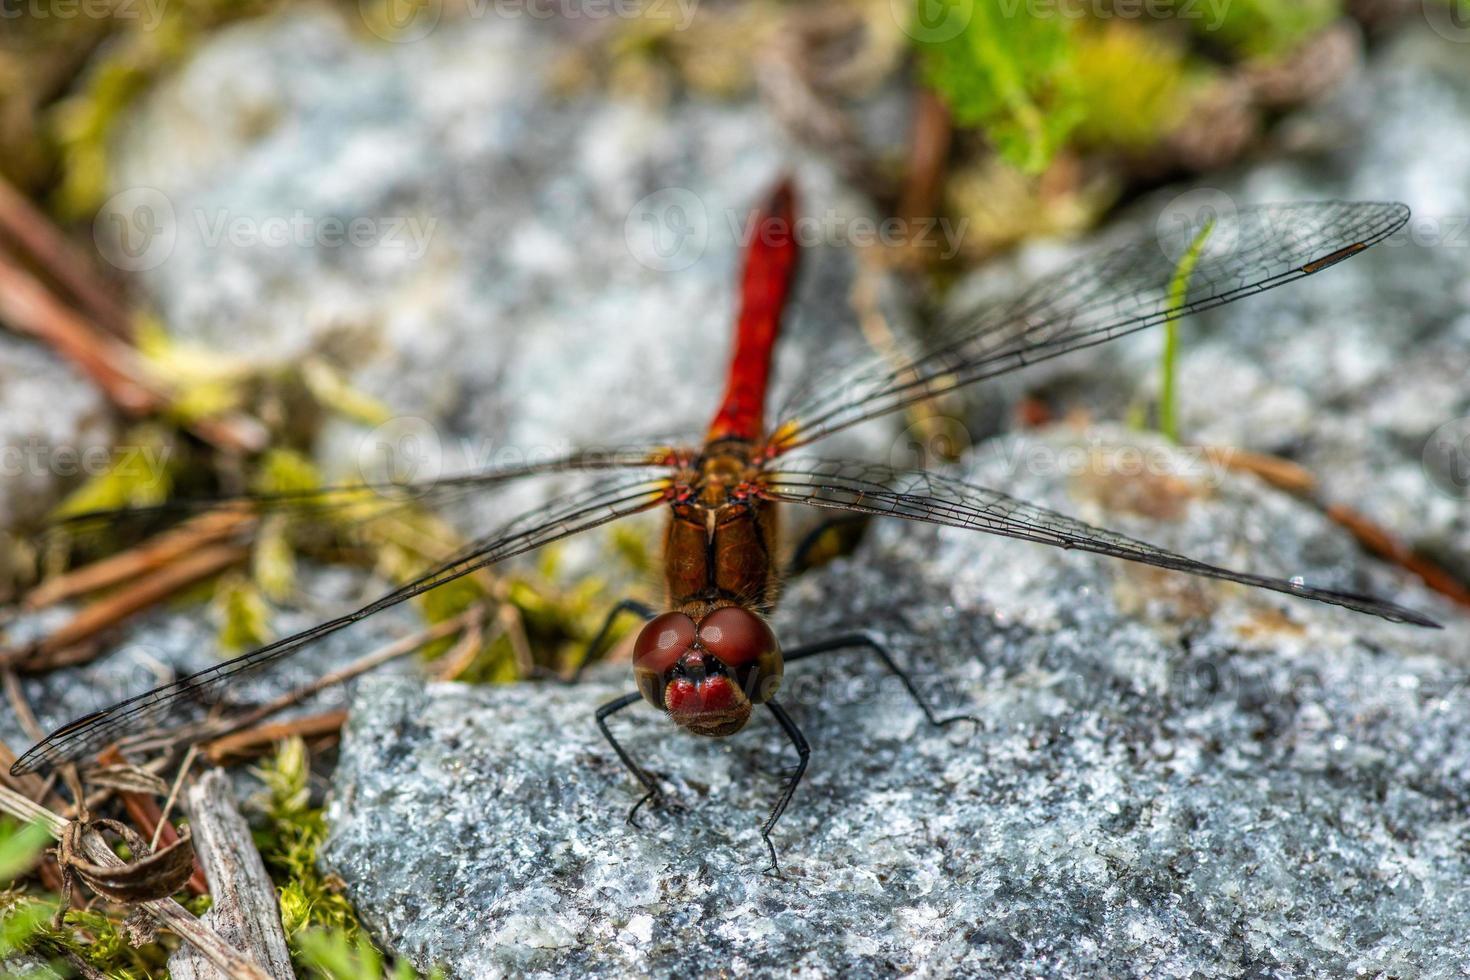 primo piano dettagliato di una libellula darter rossiccia foto